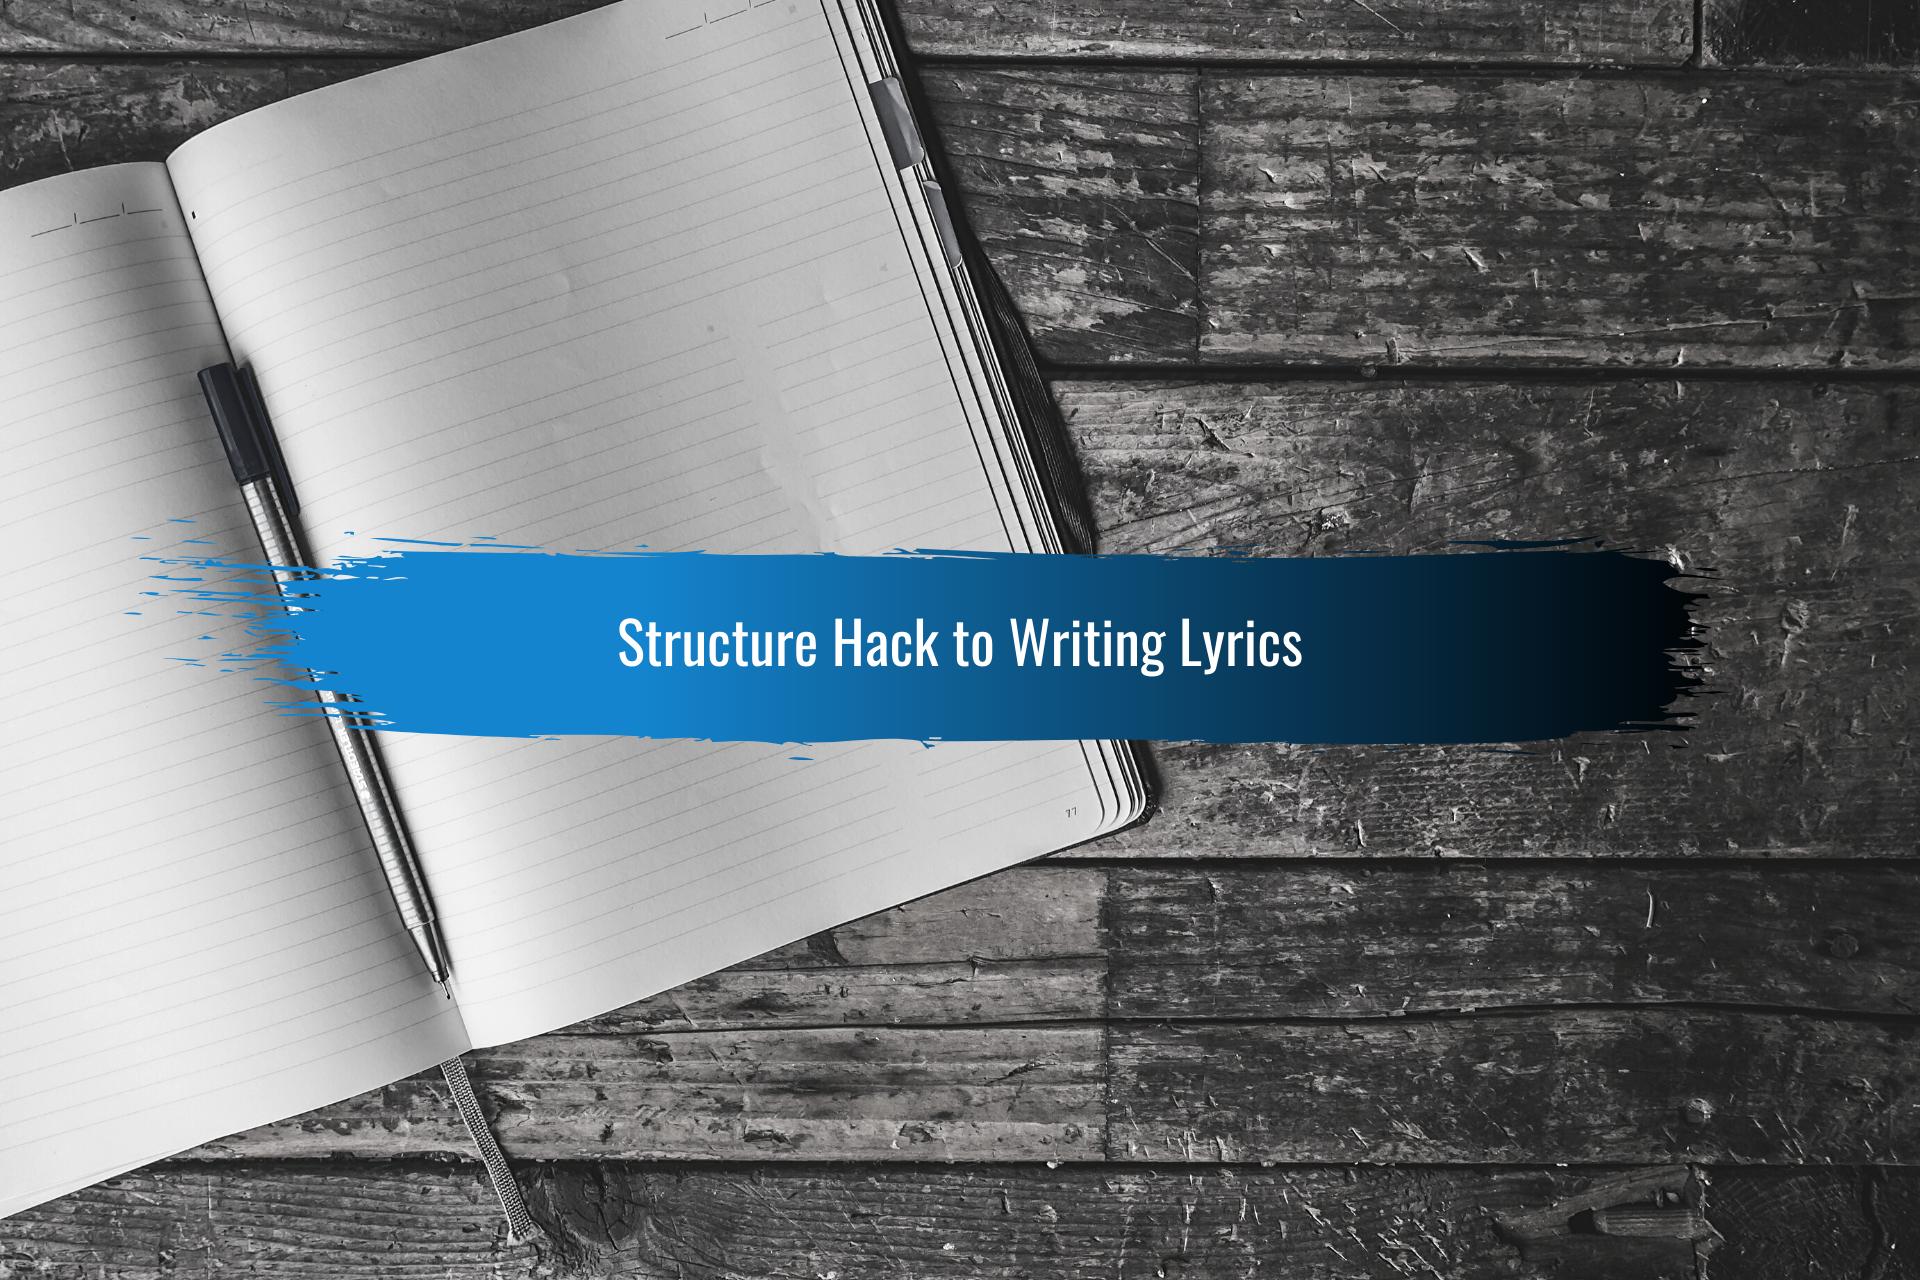 Hack to Writing Lyrics